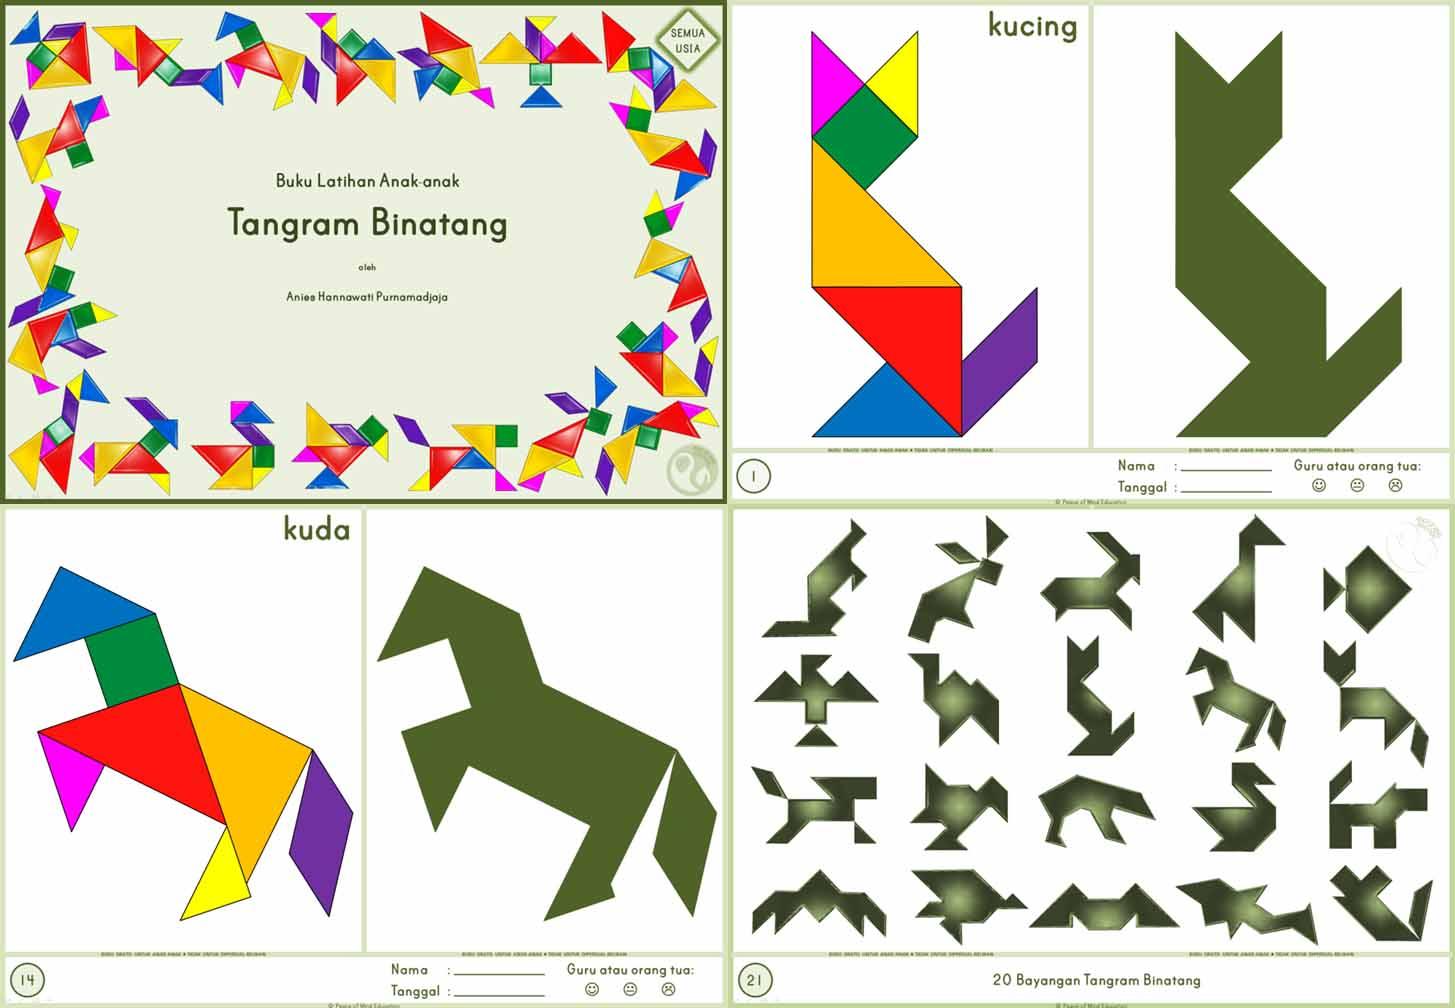 002 Tangram Binatang Semua Usia